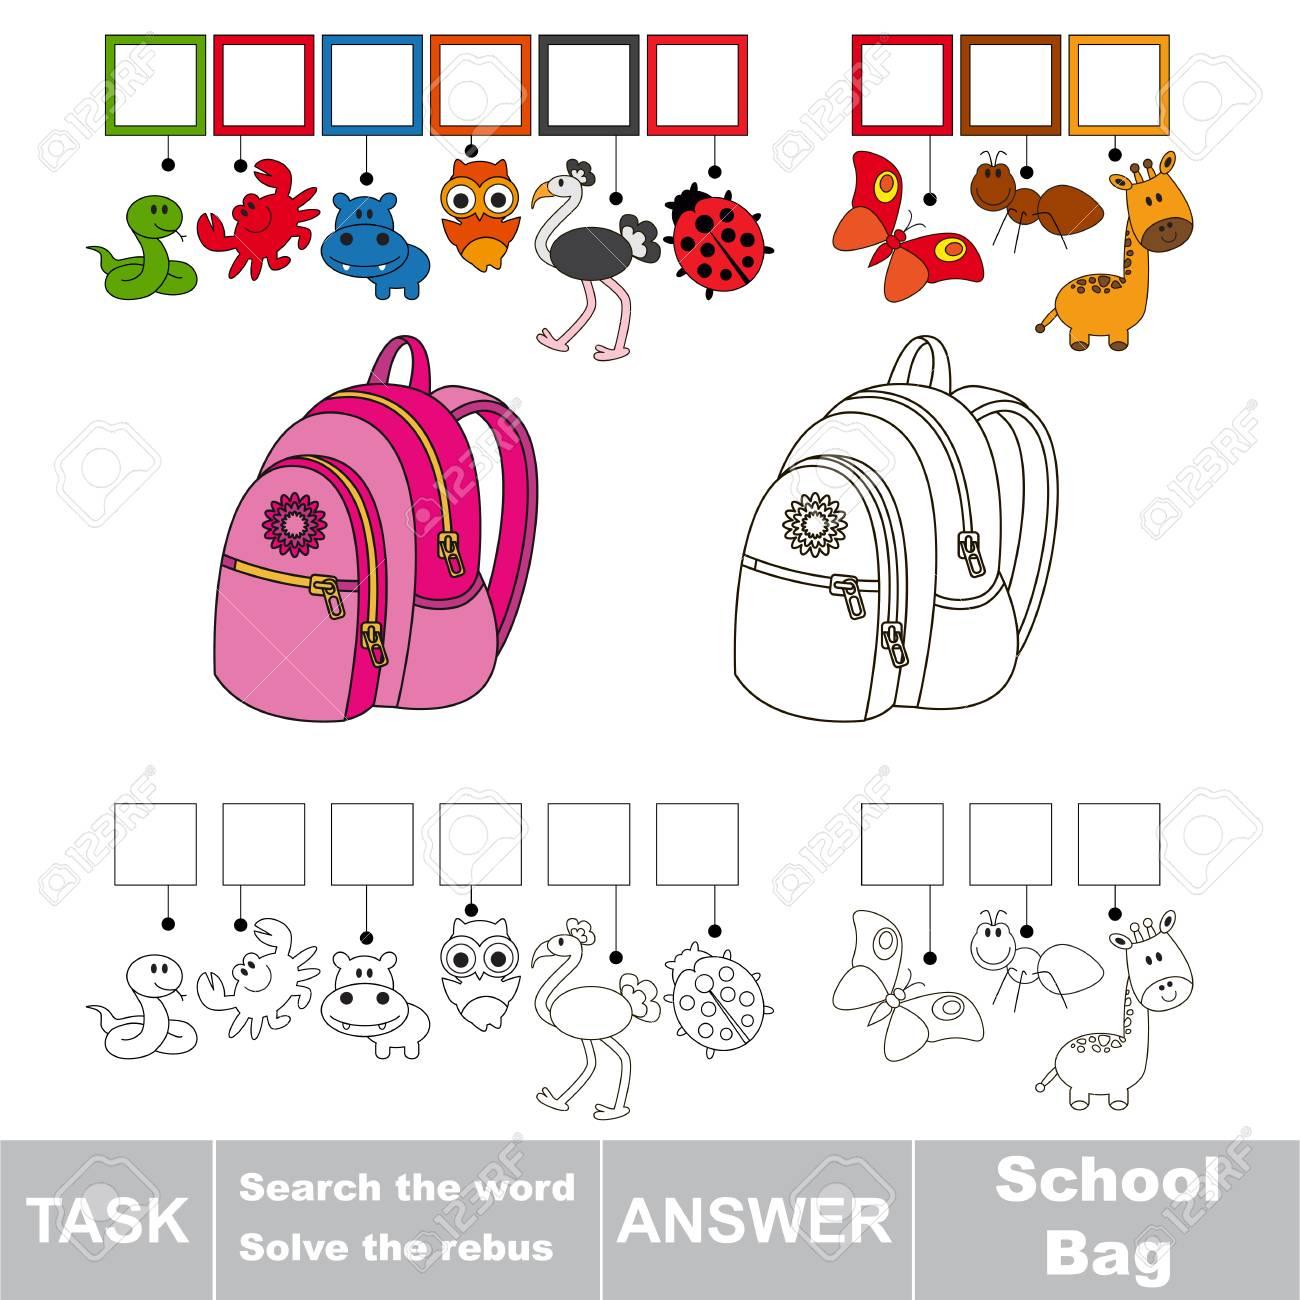 Vector Jeu Rebus Pour Les Enfants D'âge Préscolaire Avec Niveau De Jeu  Éducatif Facile Pour L'éducation Des Enfants Pendant Les Jeux, Trouver Une tout Jeux De Rebus